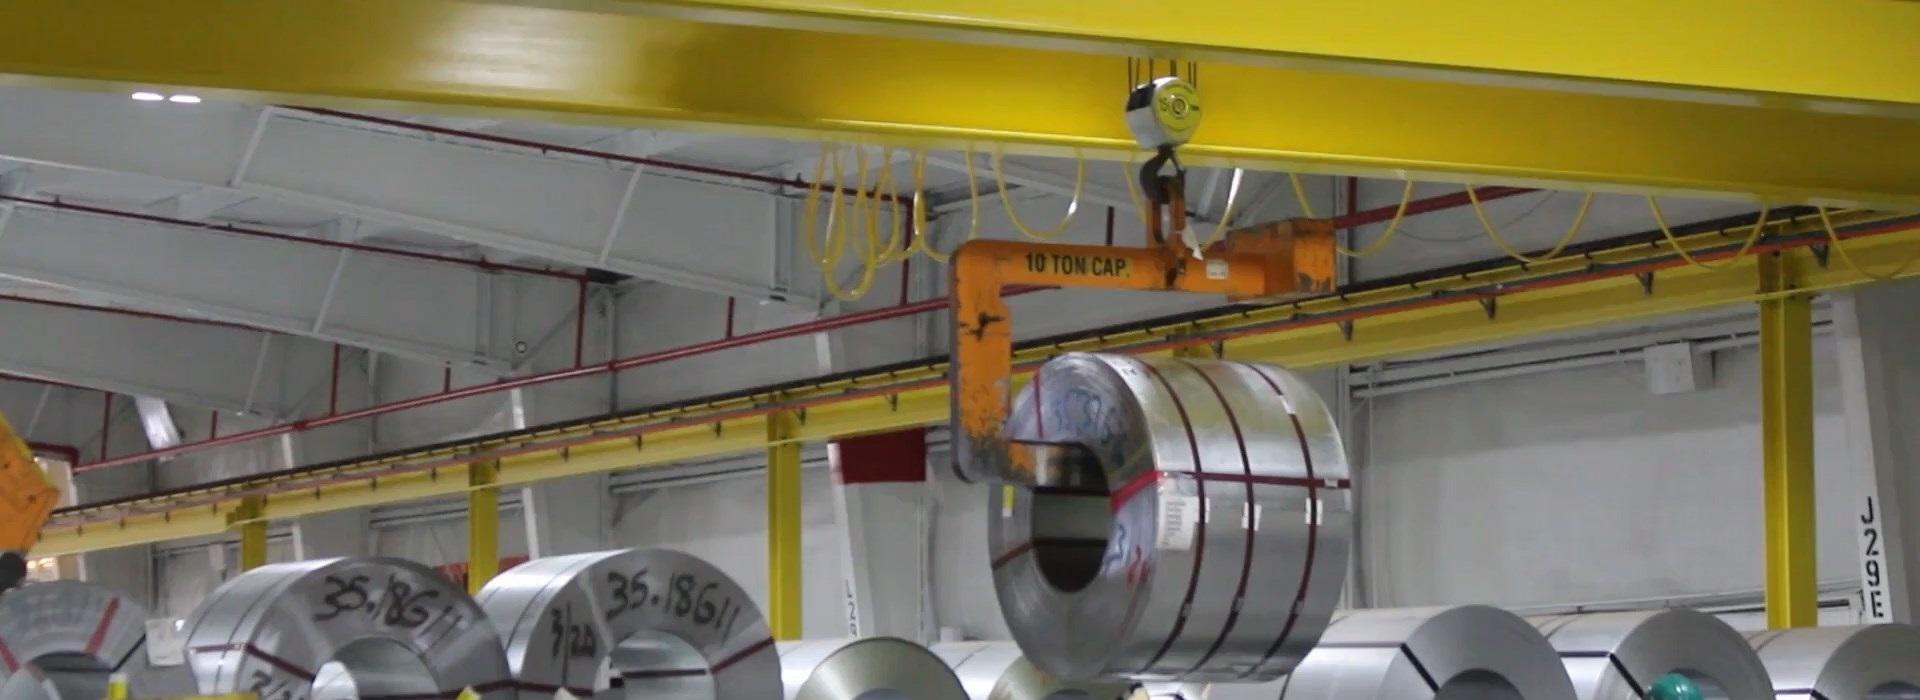 Cầu trục dầm đôi nâng kim loại trong nhà xưởng